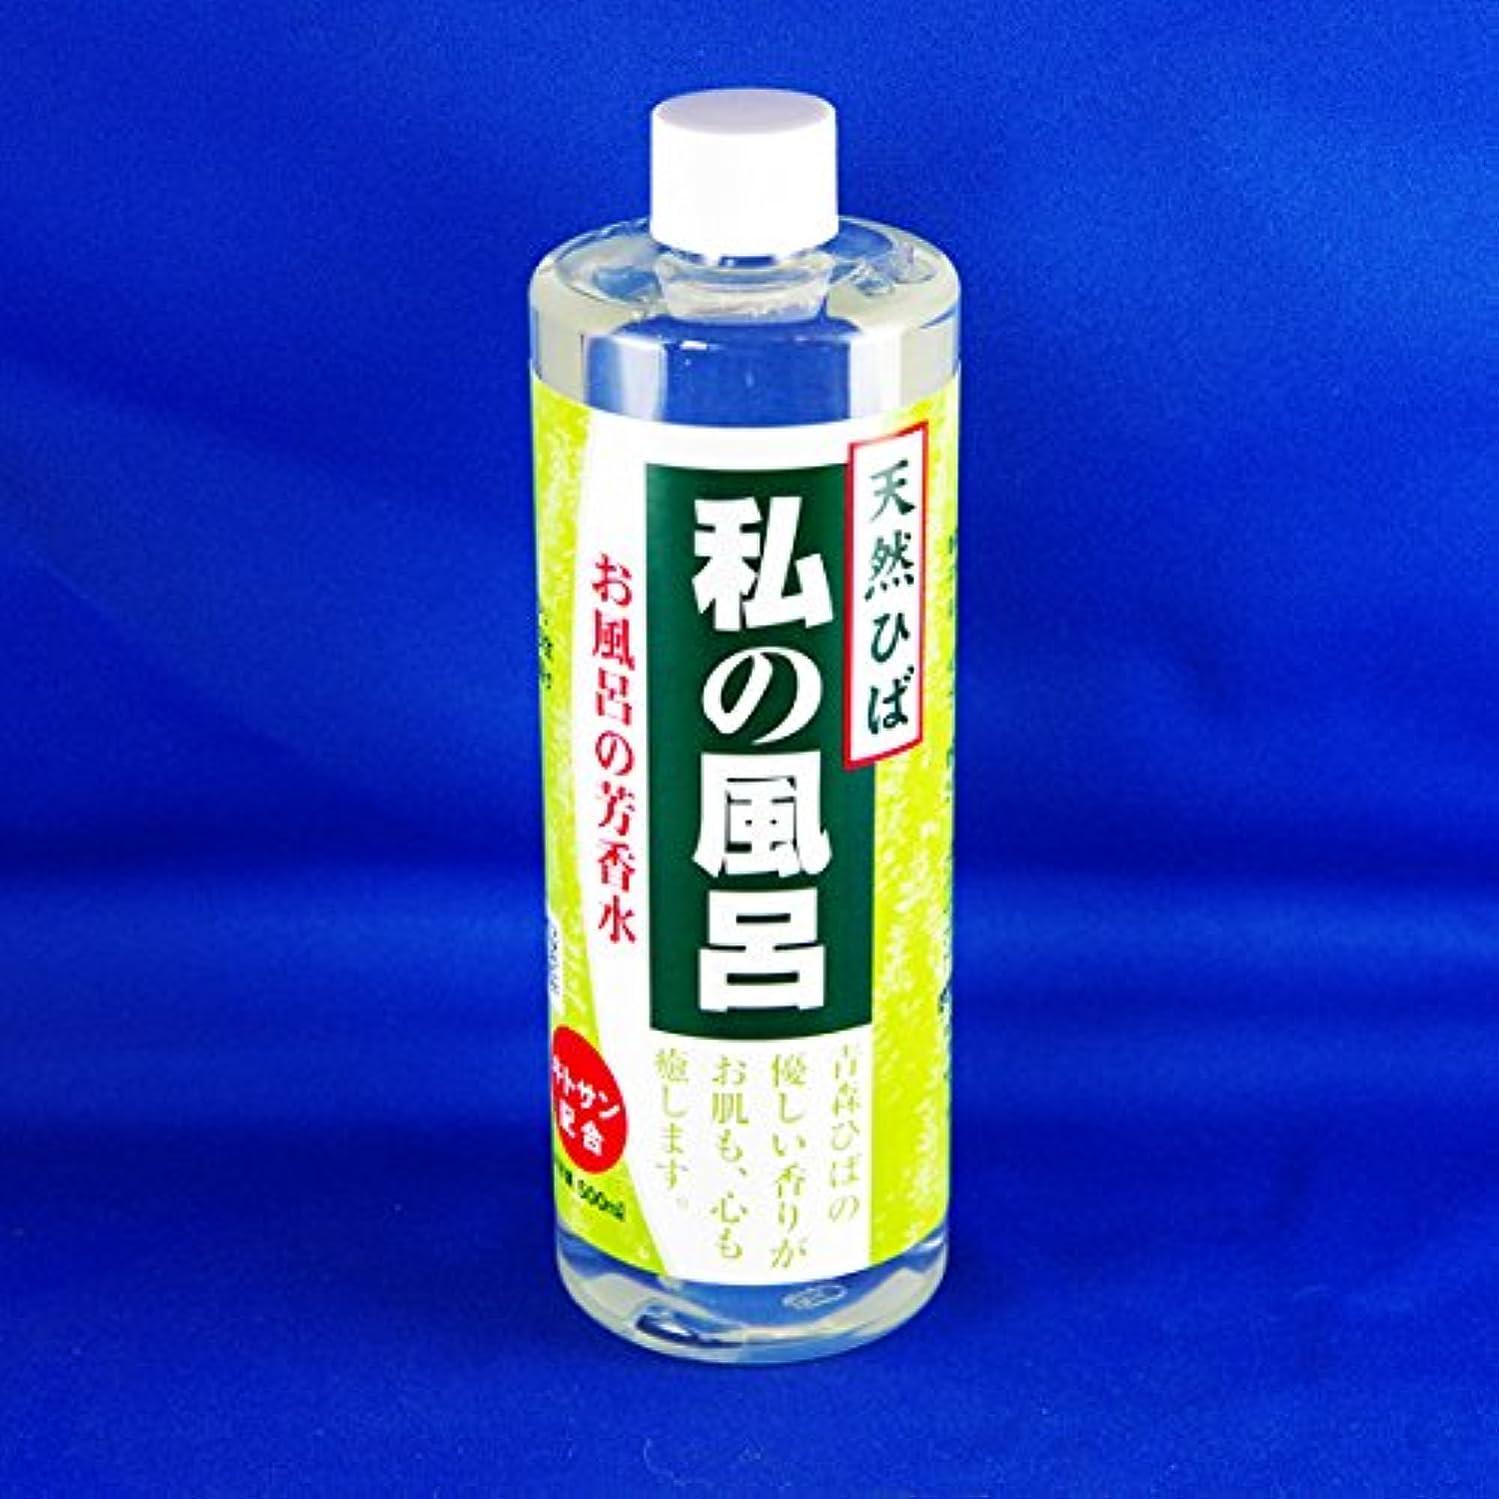 相談着陸オレンジ【入浴剤】青森ひば 私の風呂 500ml(高分子キトサン配合)